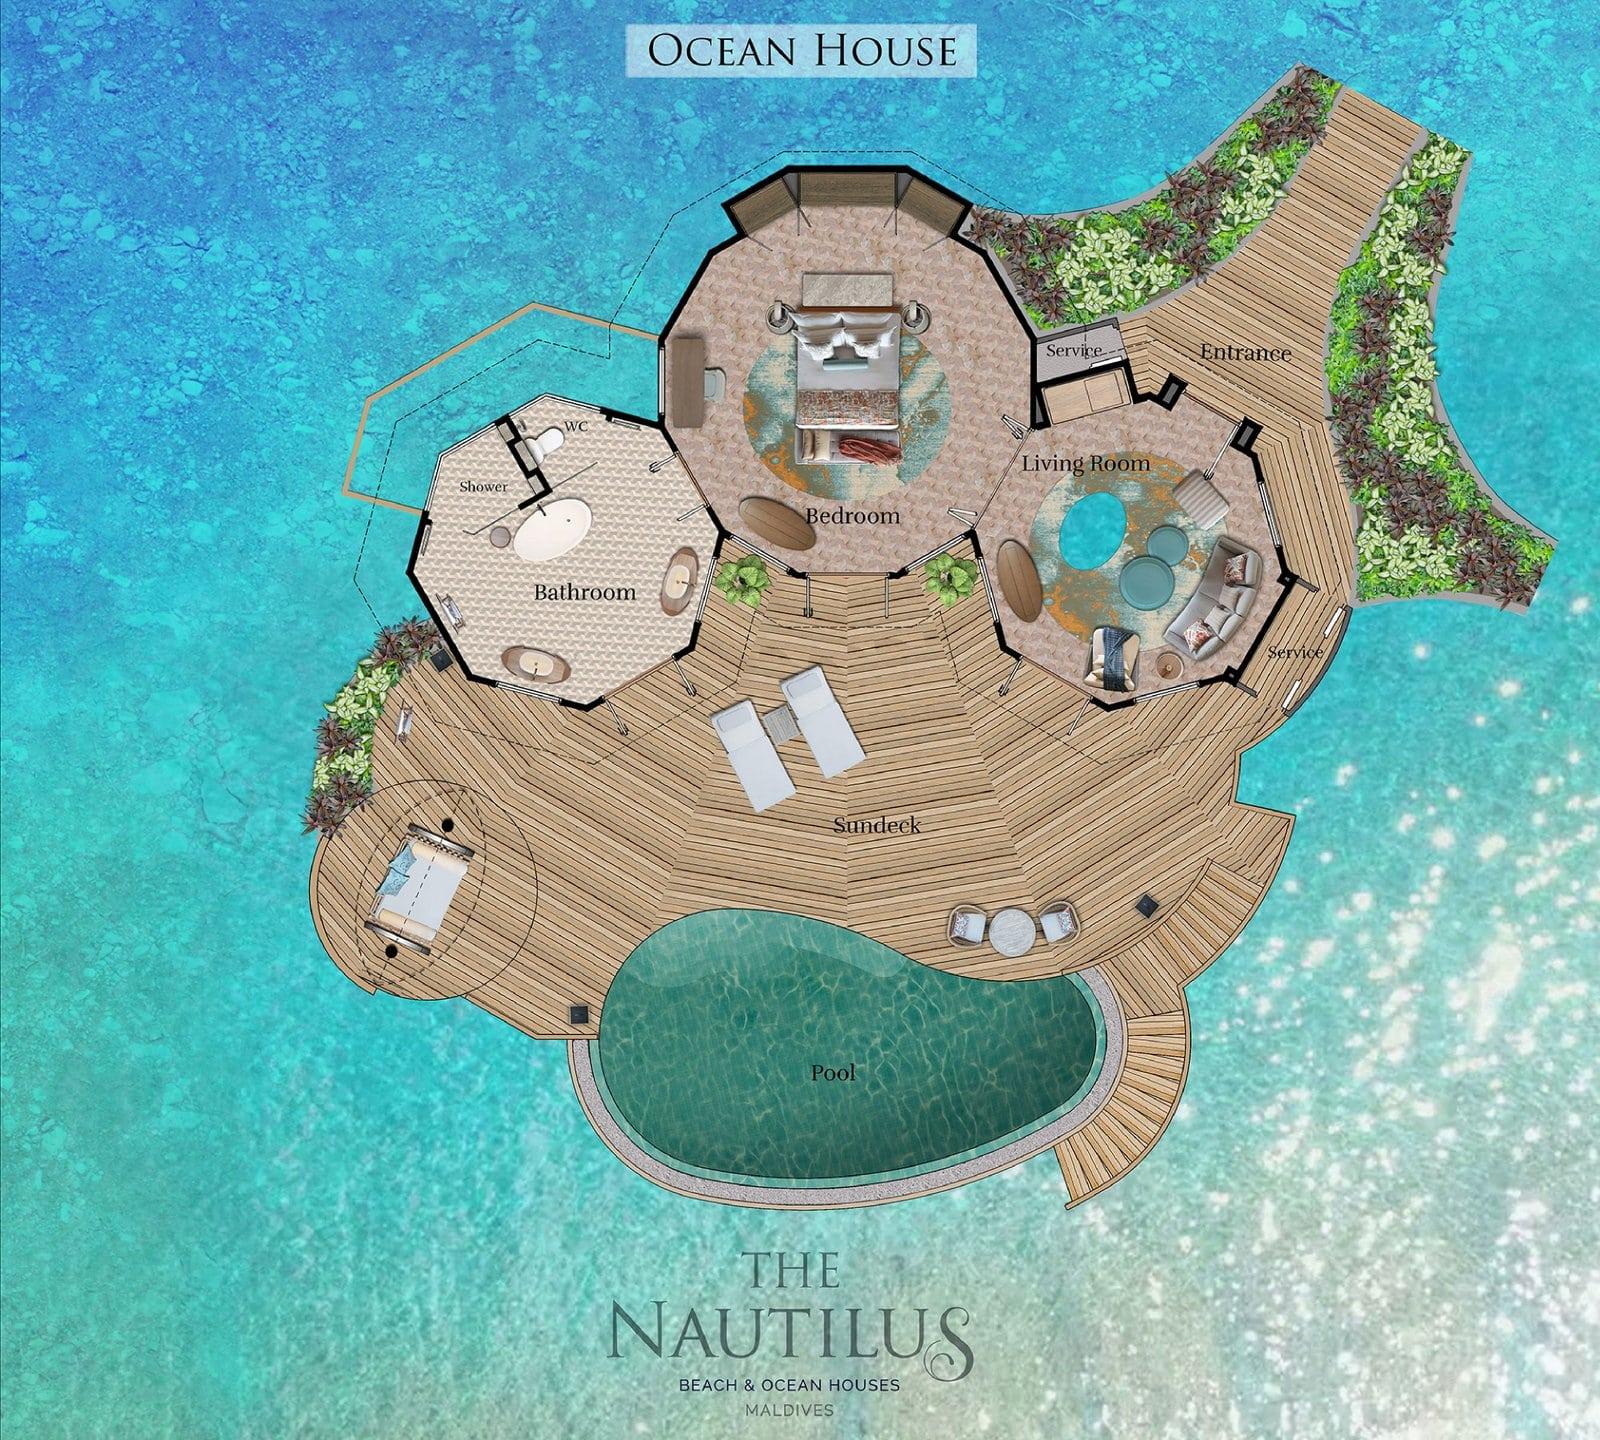 Мальдивы, отель The Nautilus Maldives, план-схема номера Ocean House